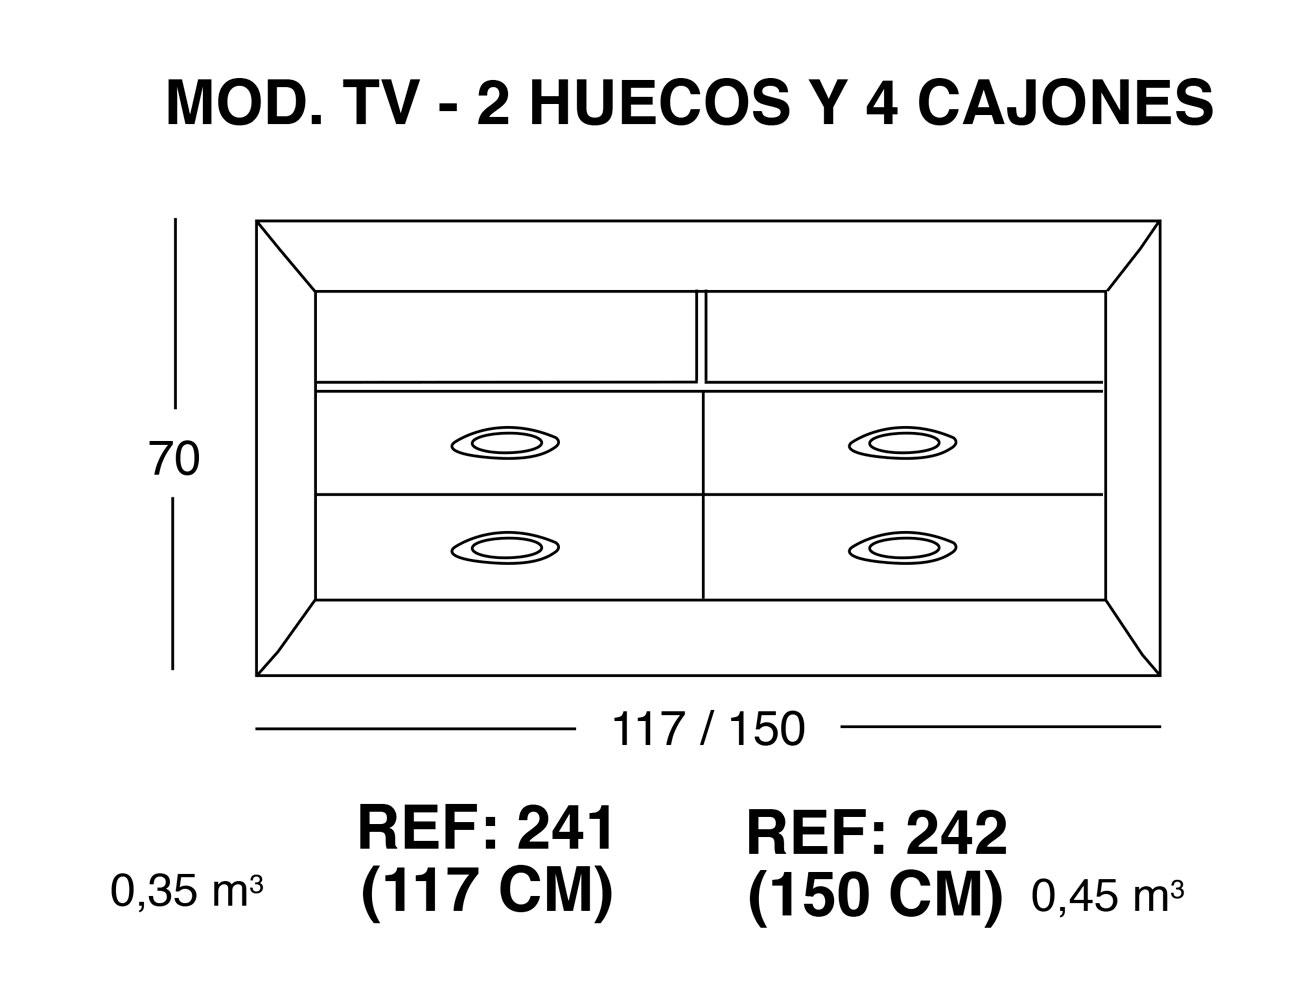 Modulo tv 2 huecos 4 cajones1